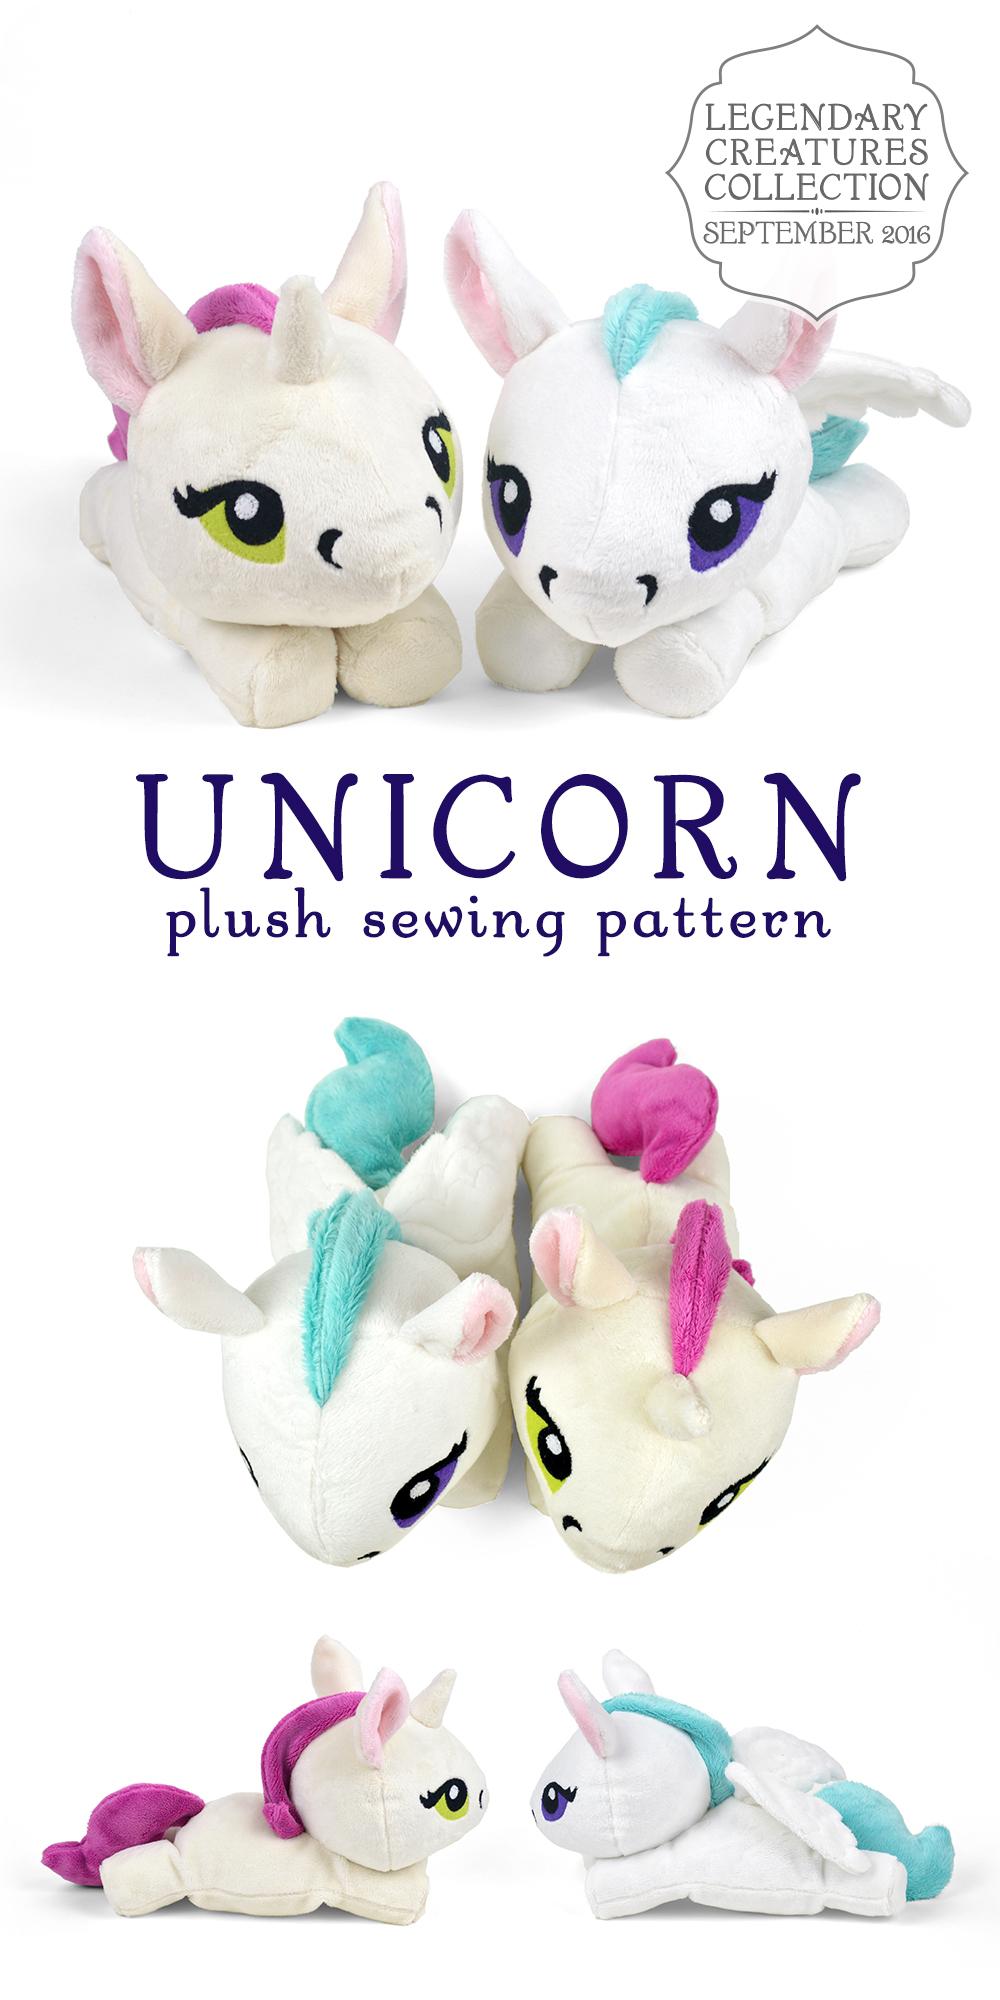 Unicorn Plush Pattern : unicorn, plush, pattern, Unicorn, Choly, Knight